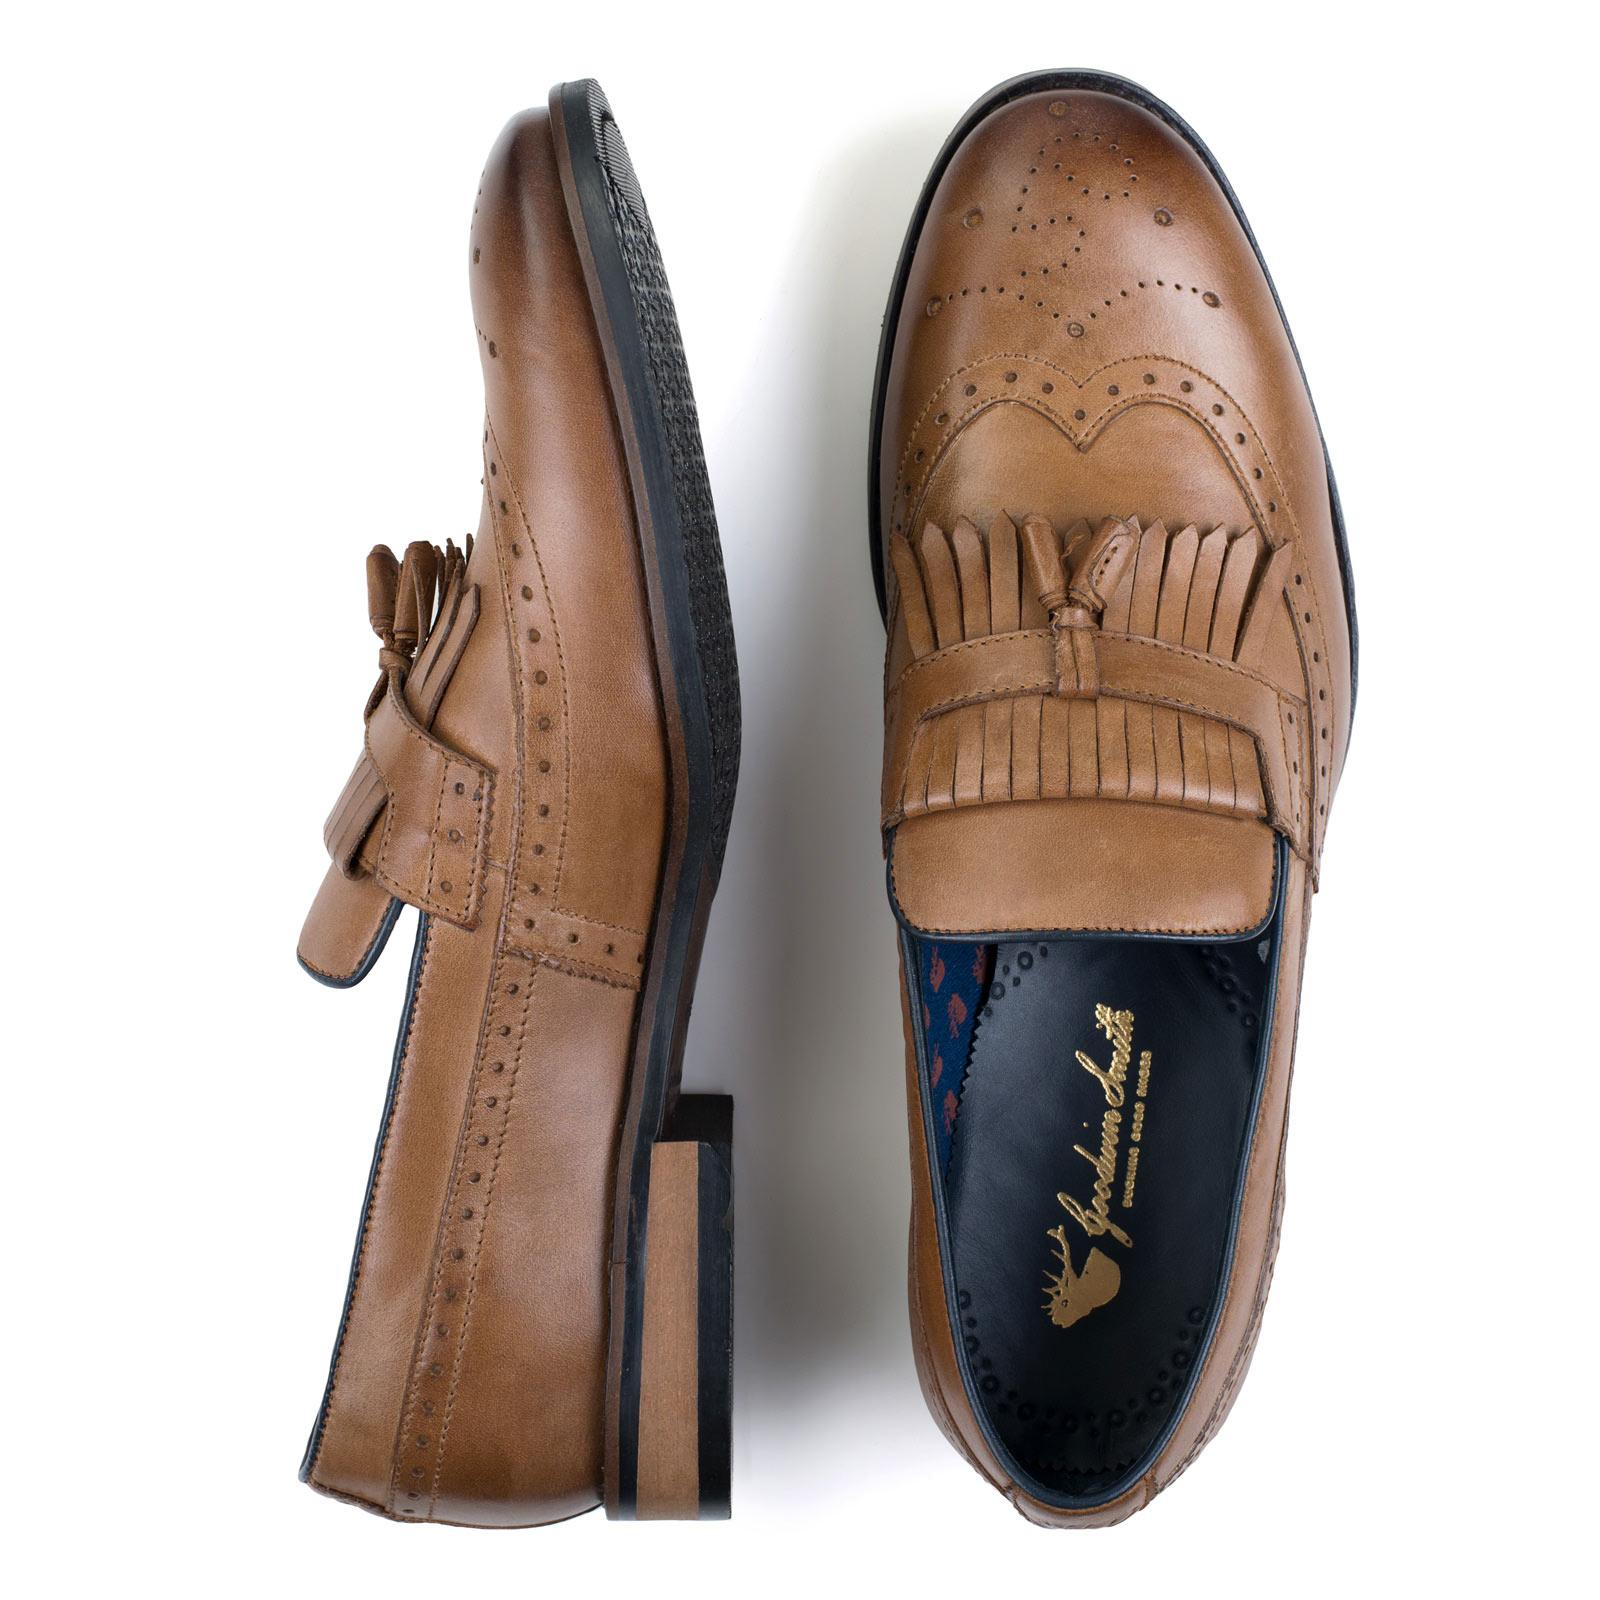 des hommes pacosaez cuir tony pana souliers en cuir pacosaez noir 6ddd0e